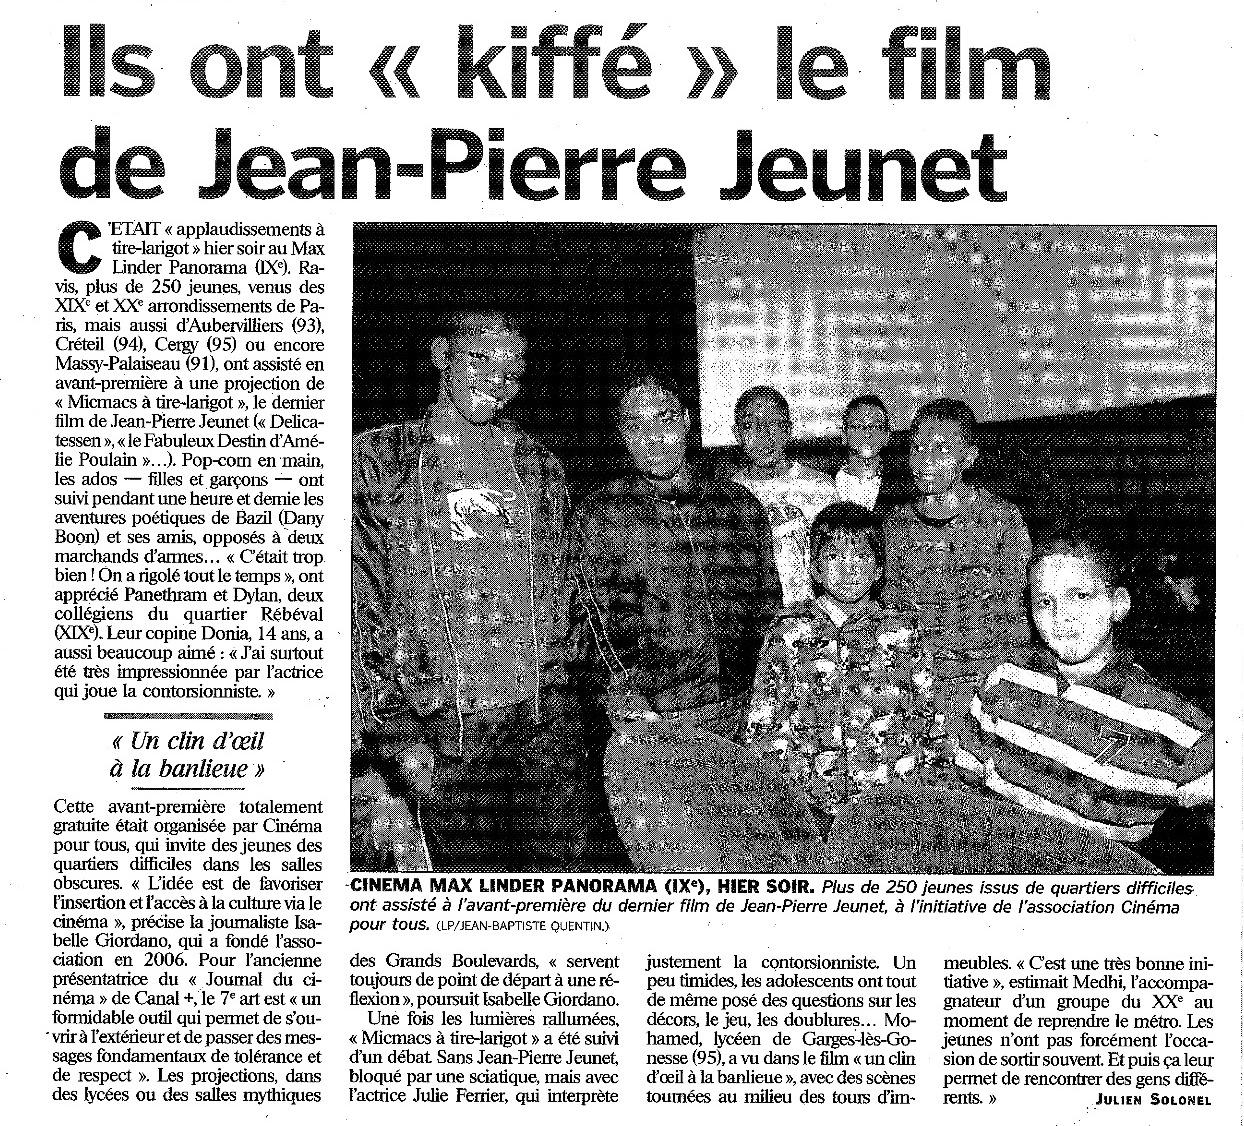 article paru dans le Parisien du 24 octobre 2009